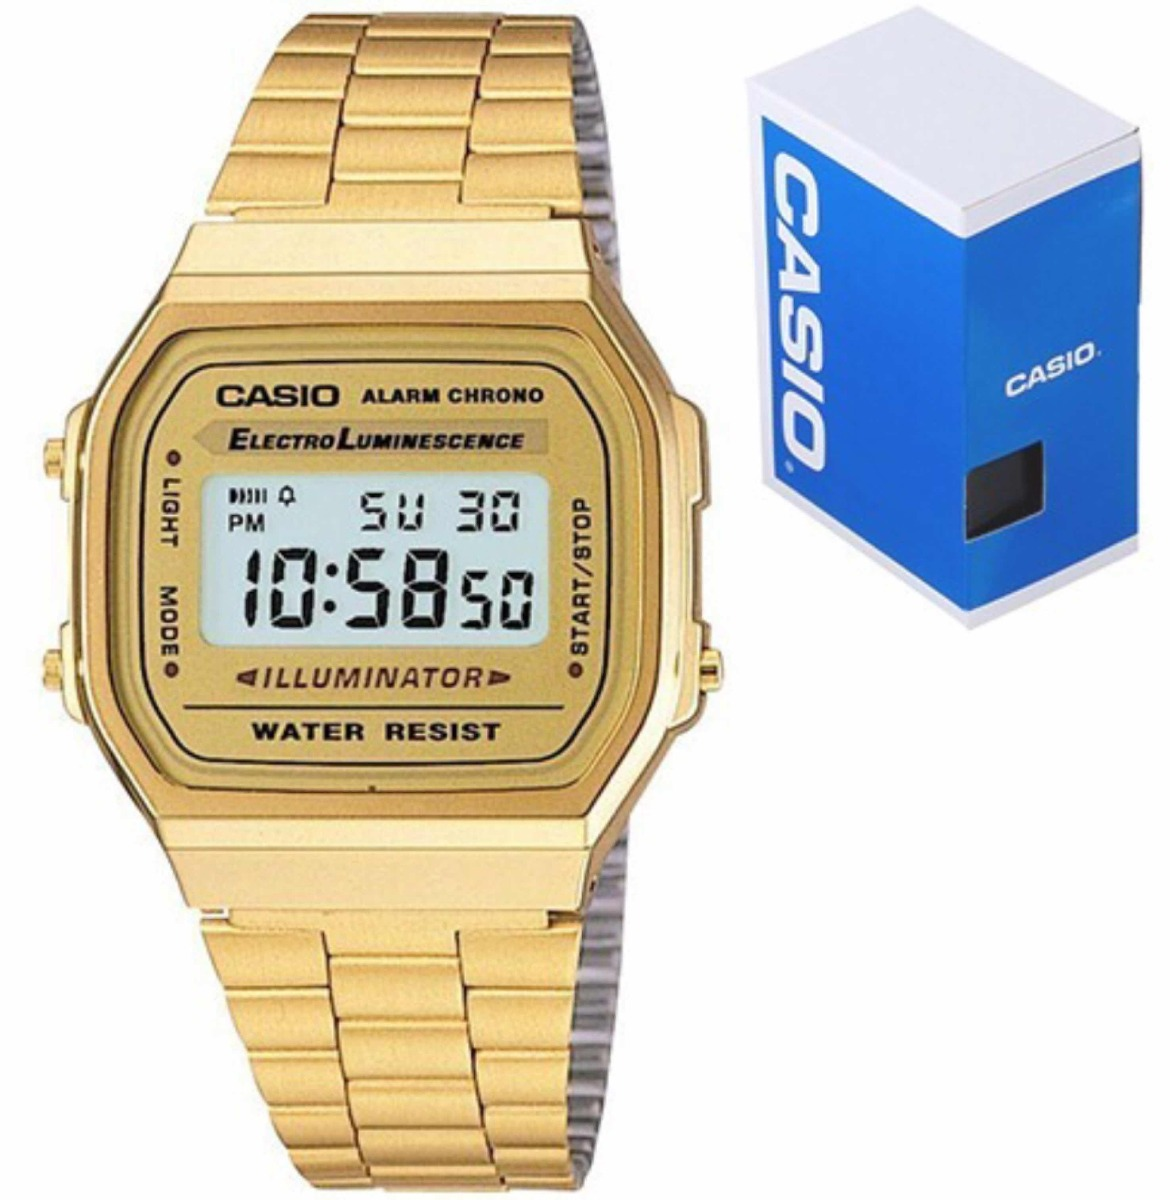 09c6e73ac1fc Reloj Casio Original Dorado -   460.00 en Mercado Libre